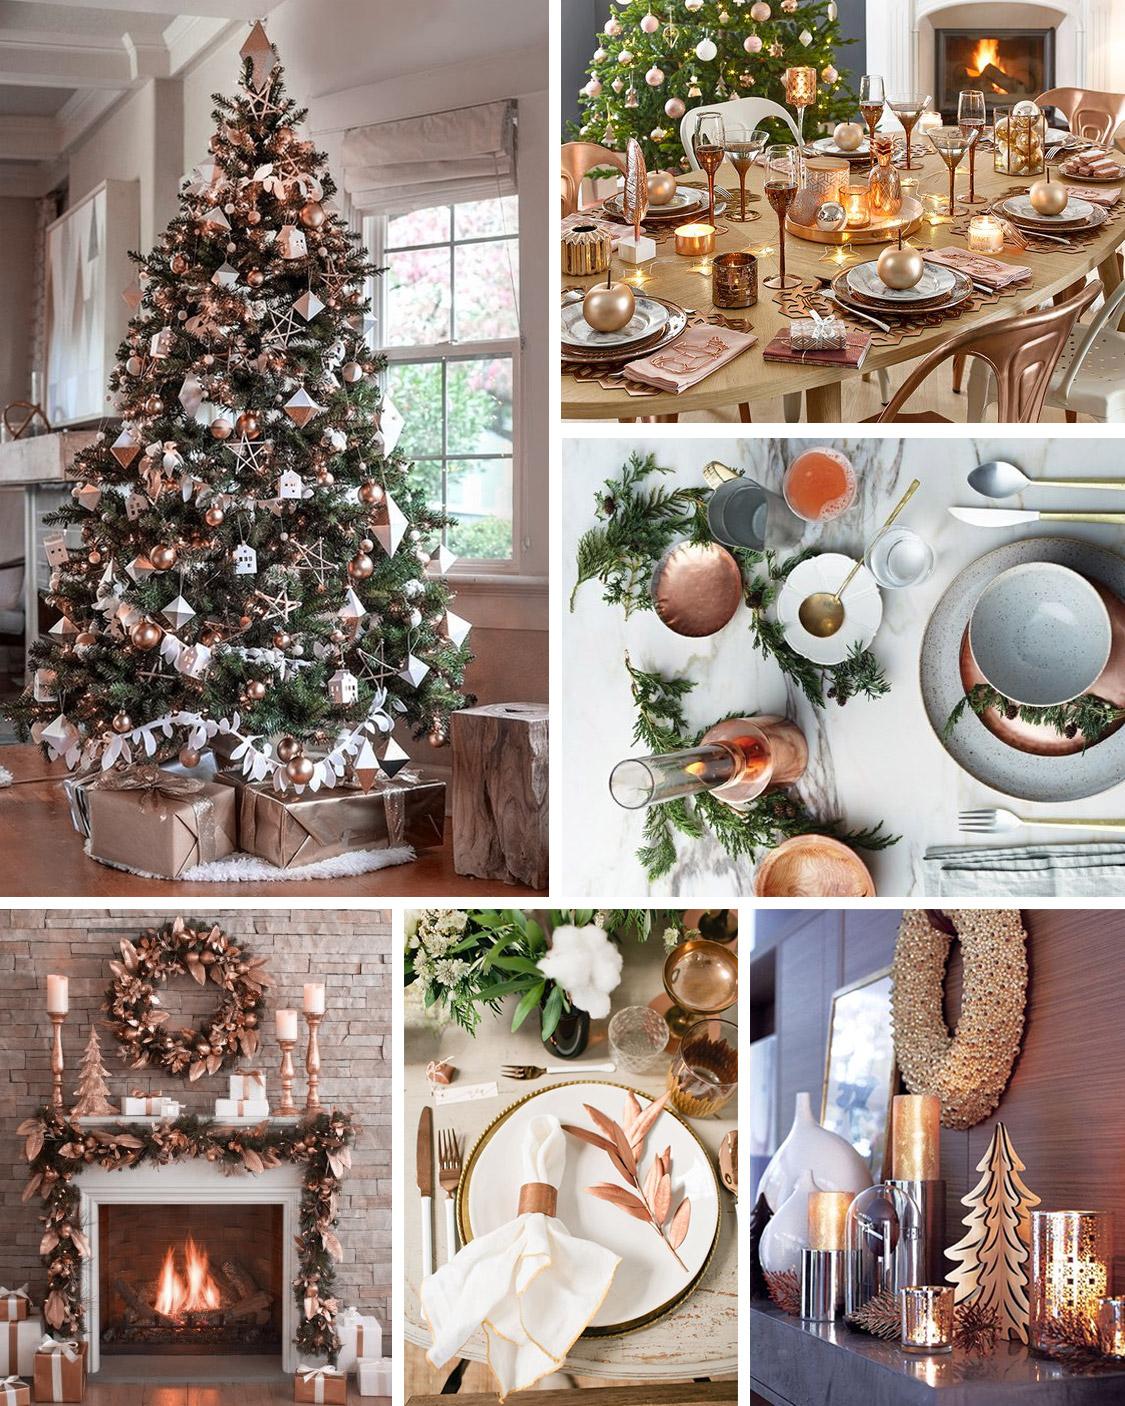 Déco de Noël : Ambiance raffinée avec le cuivré